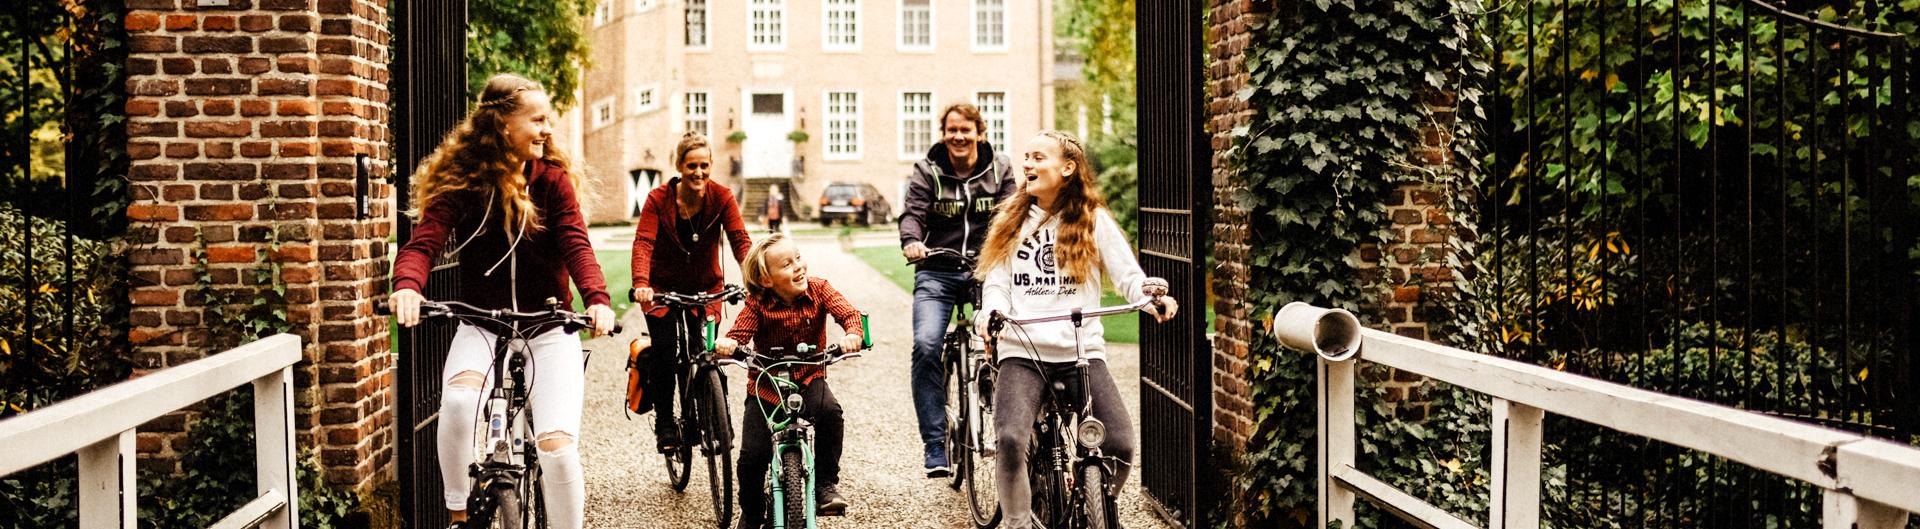 Radfahren mit Genuss